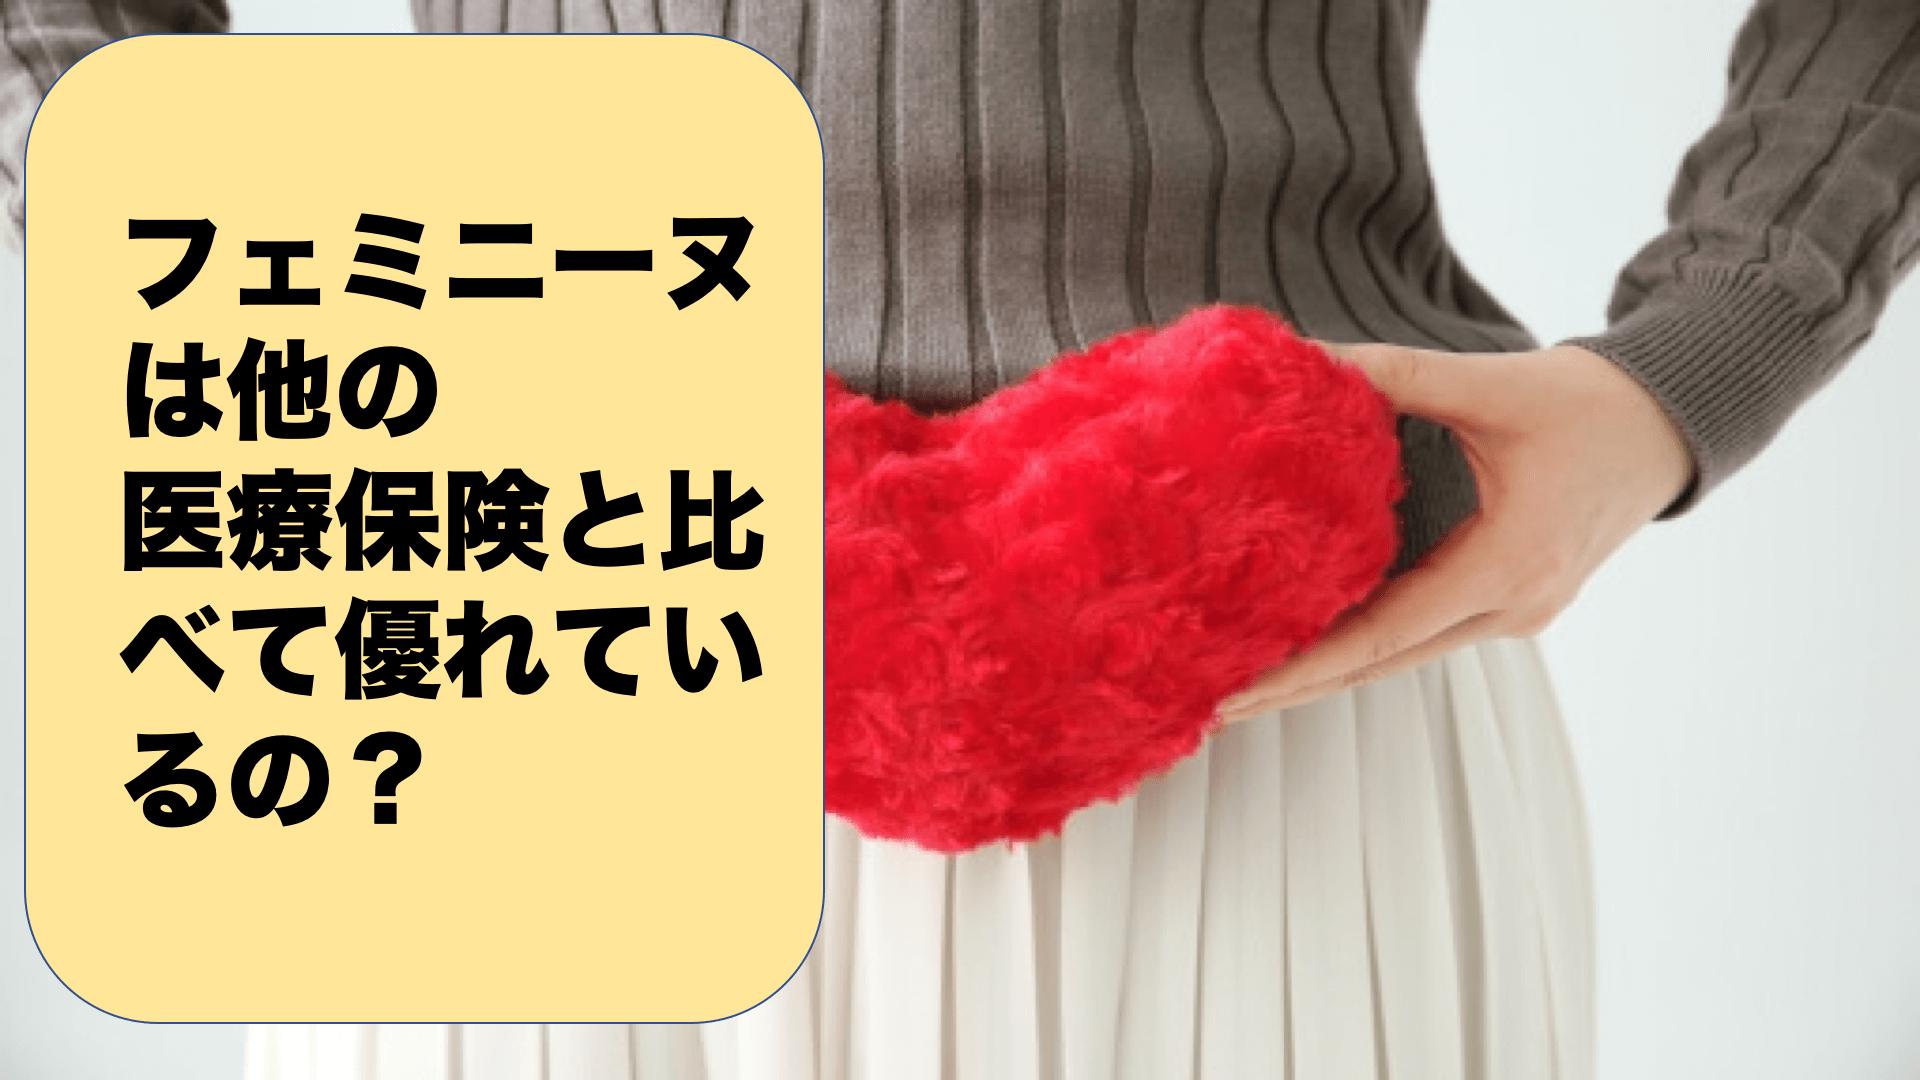 損保ジャパン日本興亜ひまわり生命「フェミニーヌ」を他の医療保険商品と比較